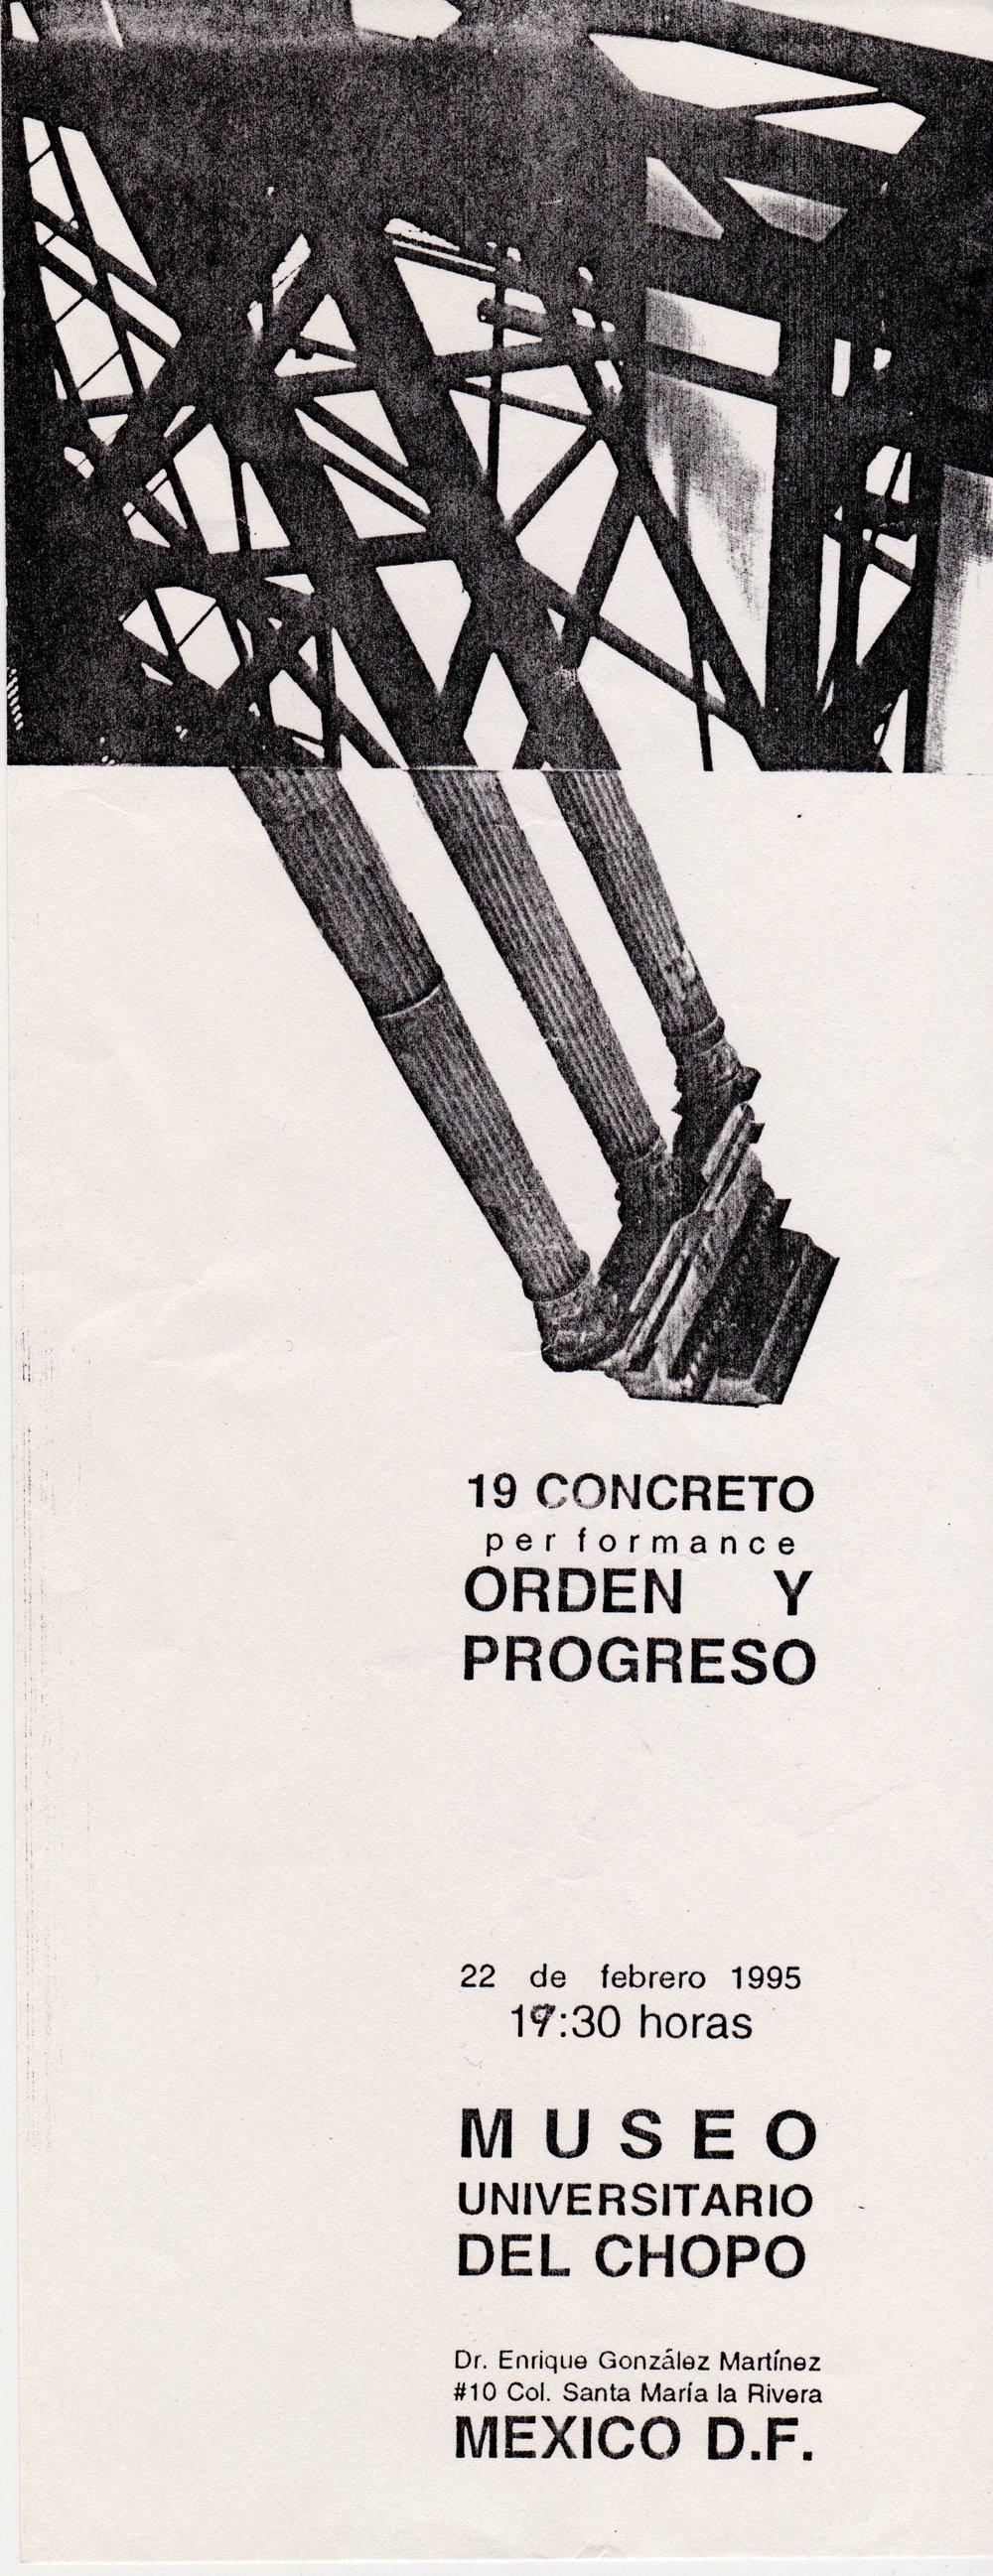 19 Concreto_Orden y Progreso_1995_01.jpg